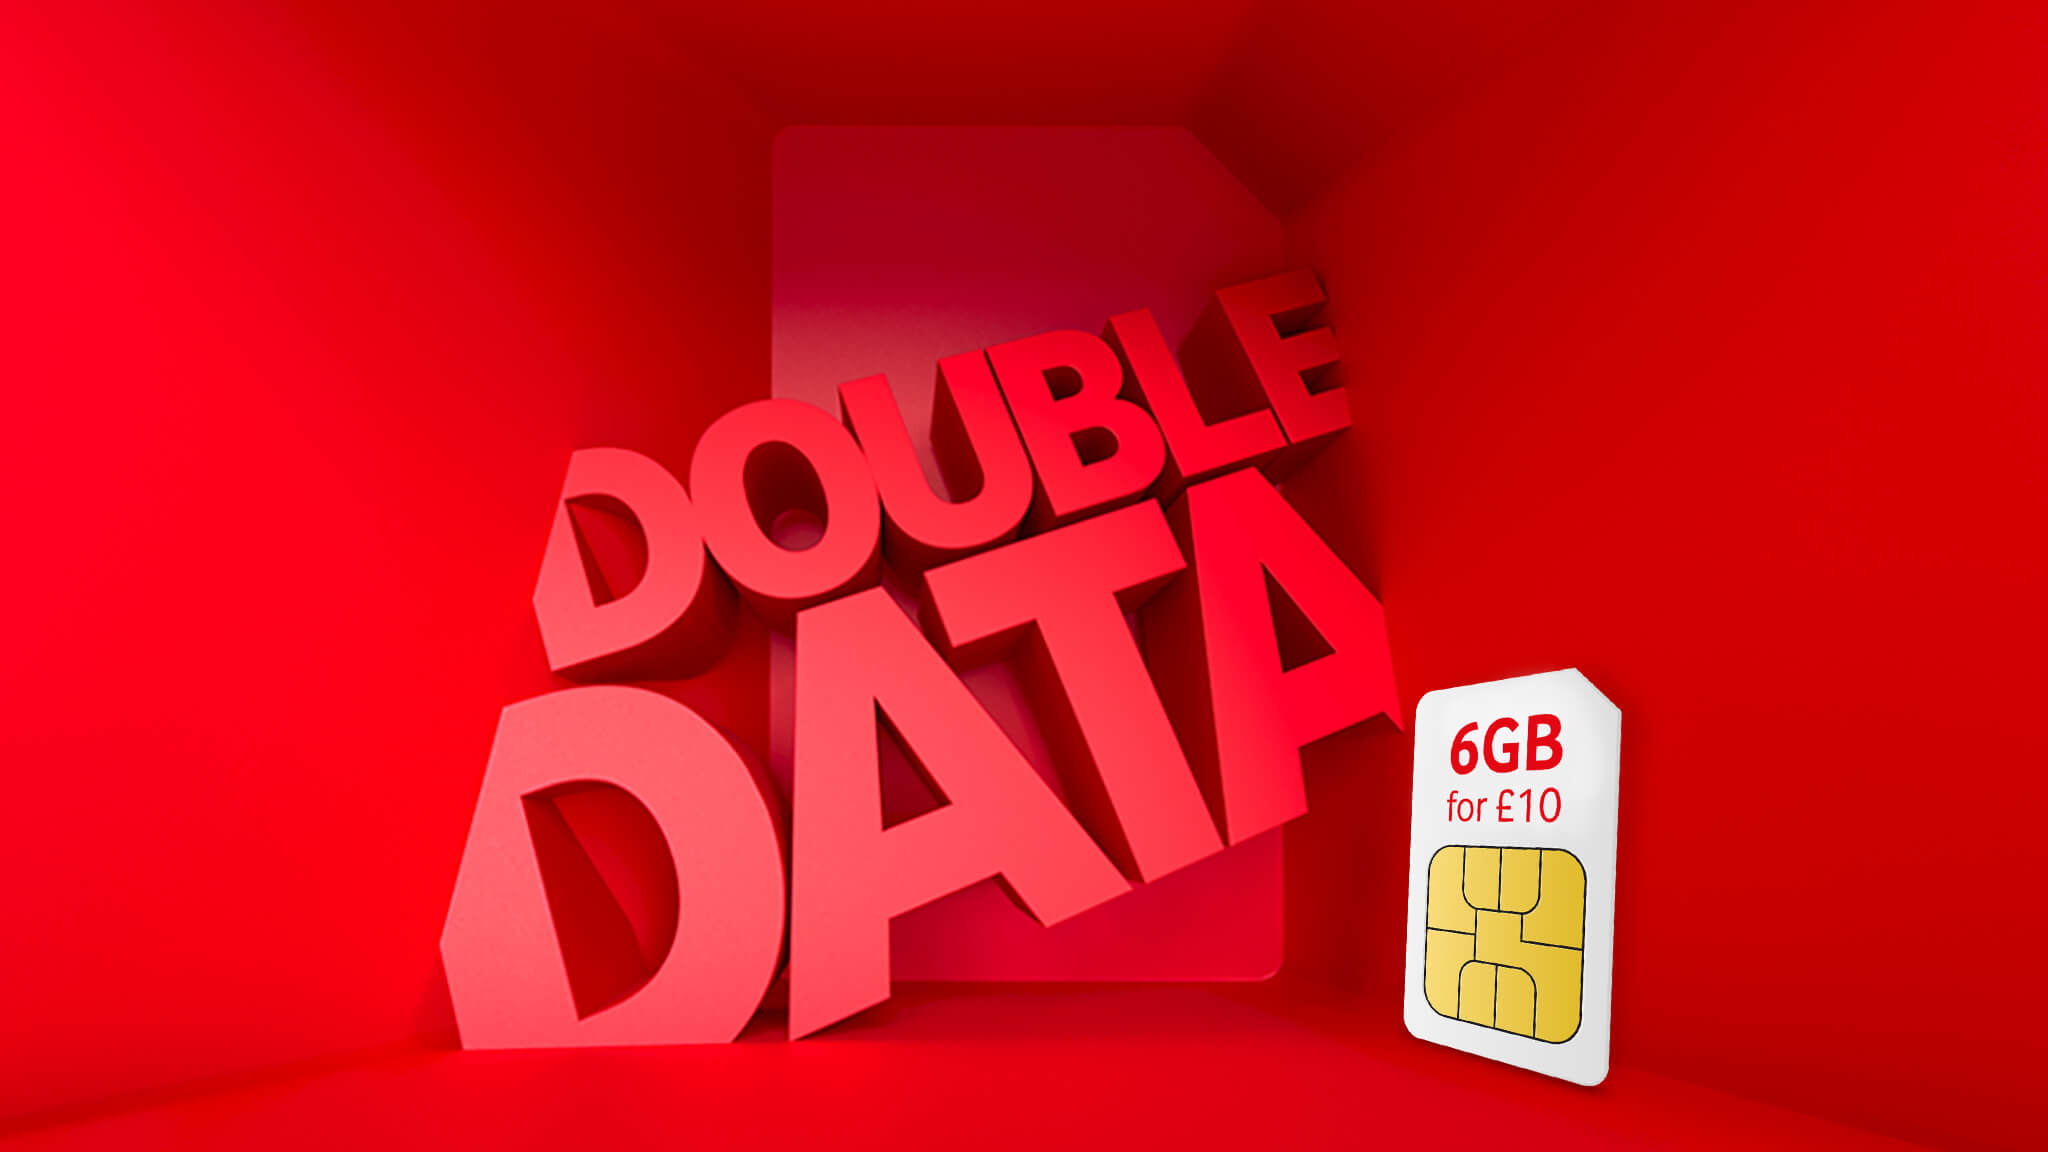 Big Value Bundles from Vodafone